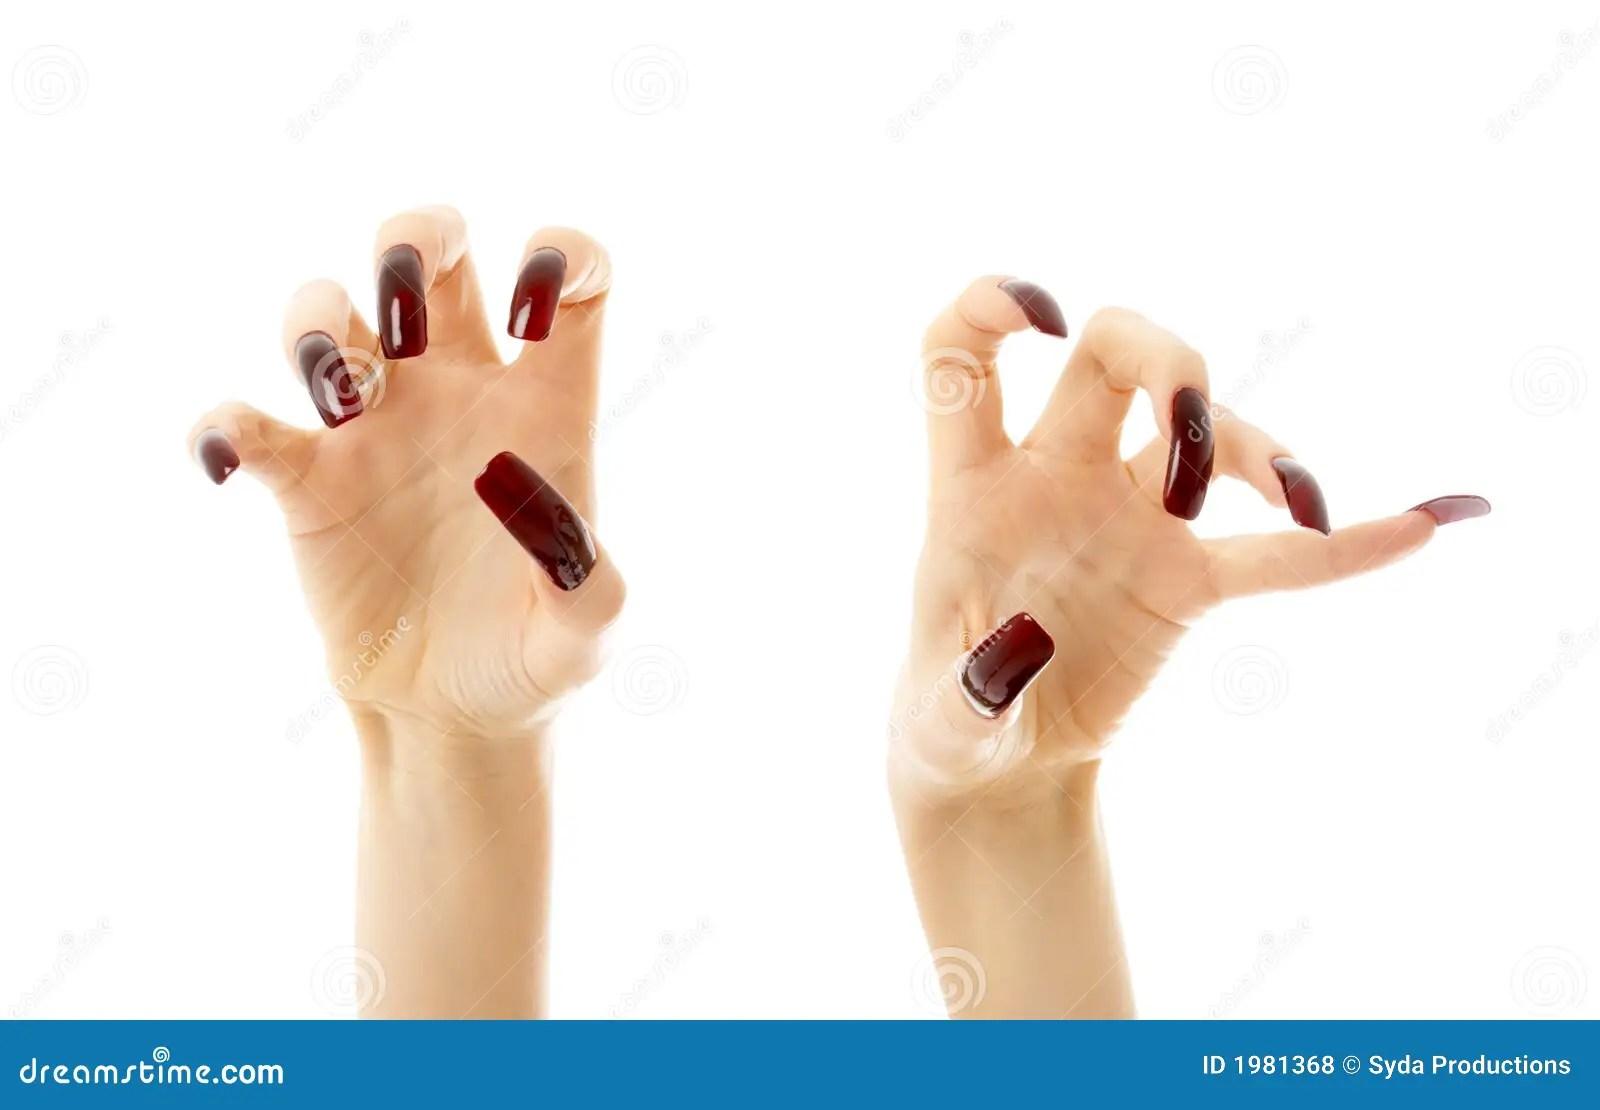 Cute Nail Arts Wallpaper Aggressive Hands With Long Nails Royalty Free Stock Photos